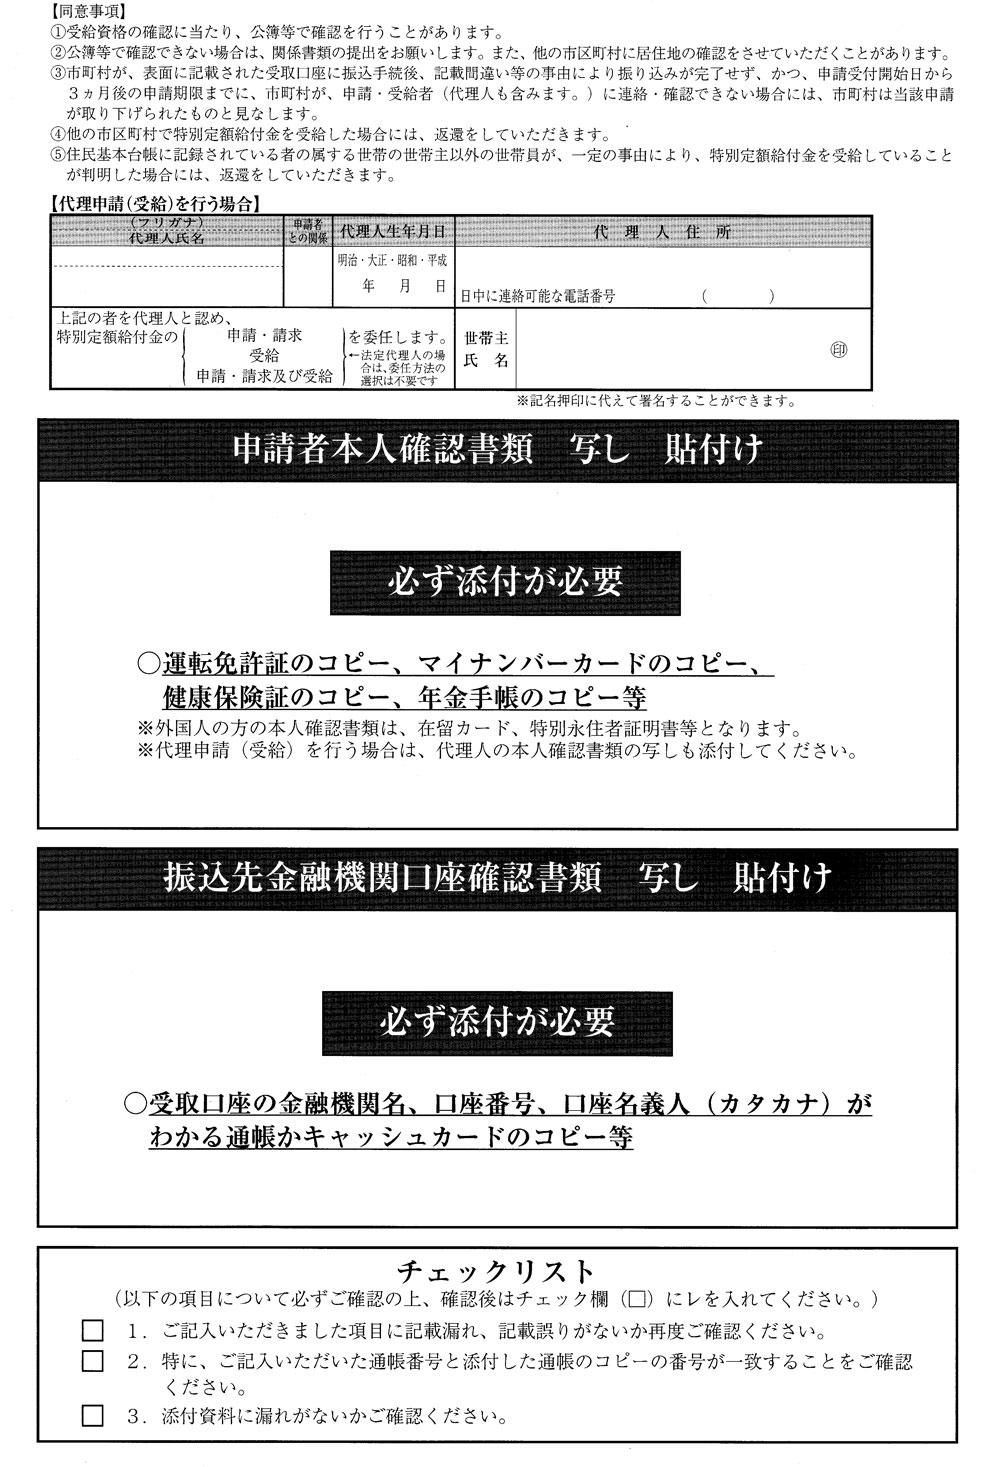 富山市の特別定額給付金の申請書類(裏)